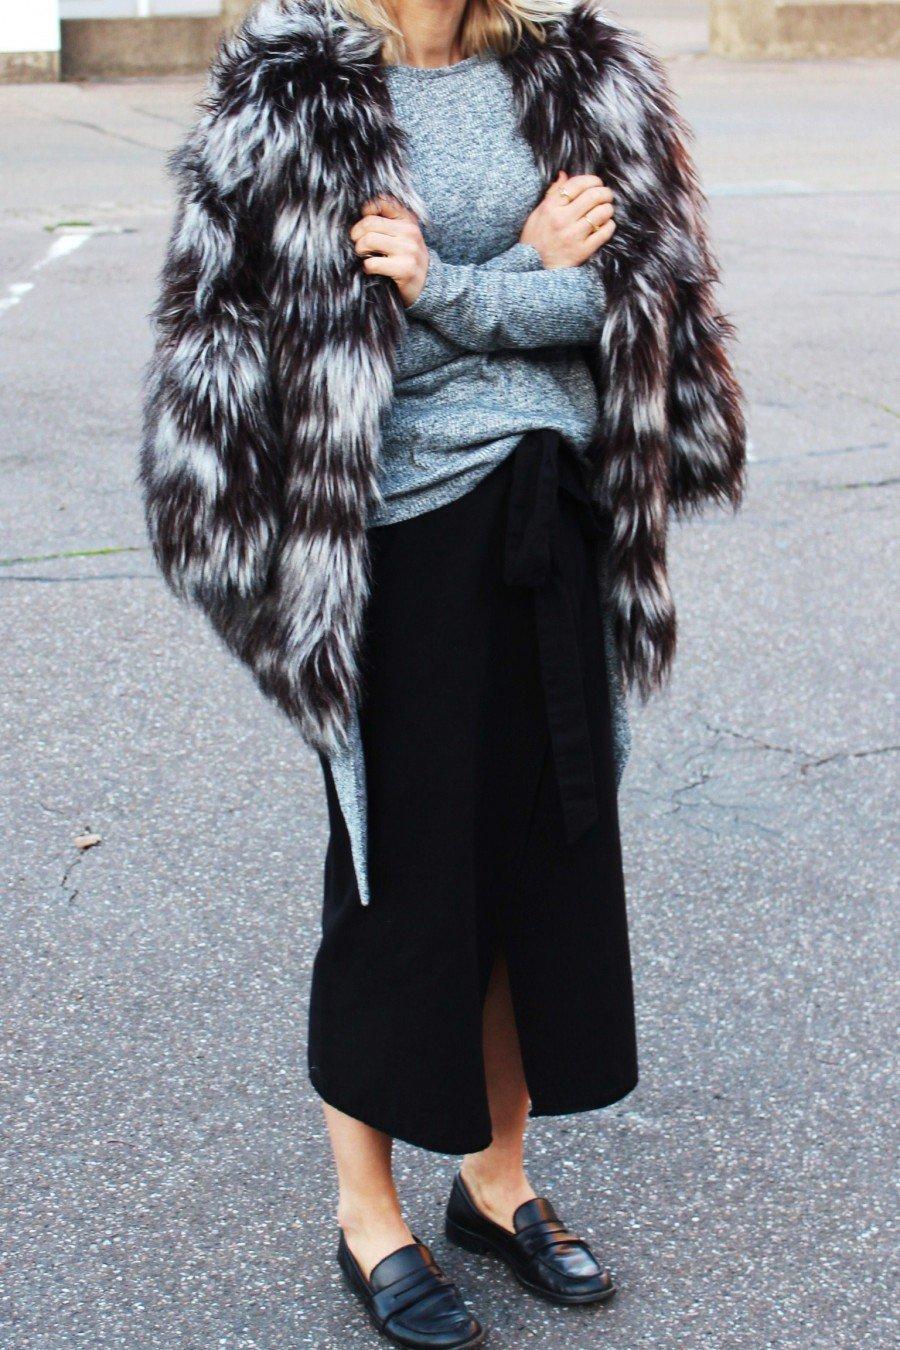 Fake-Fur Coat